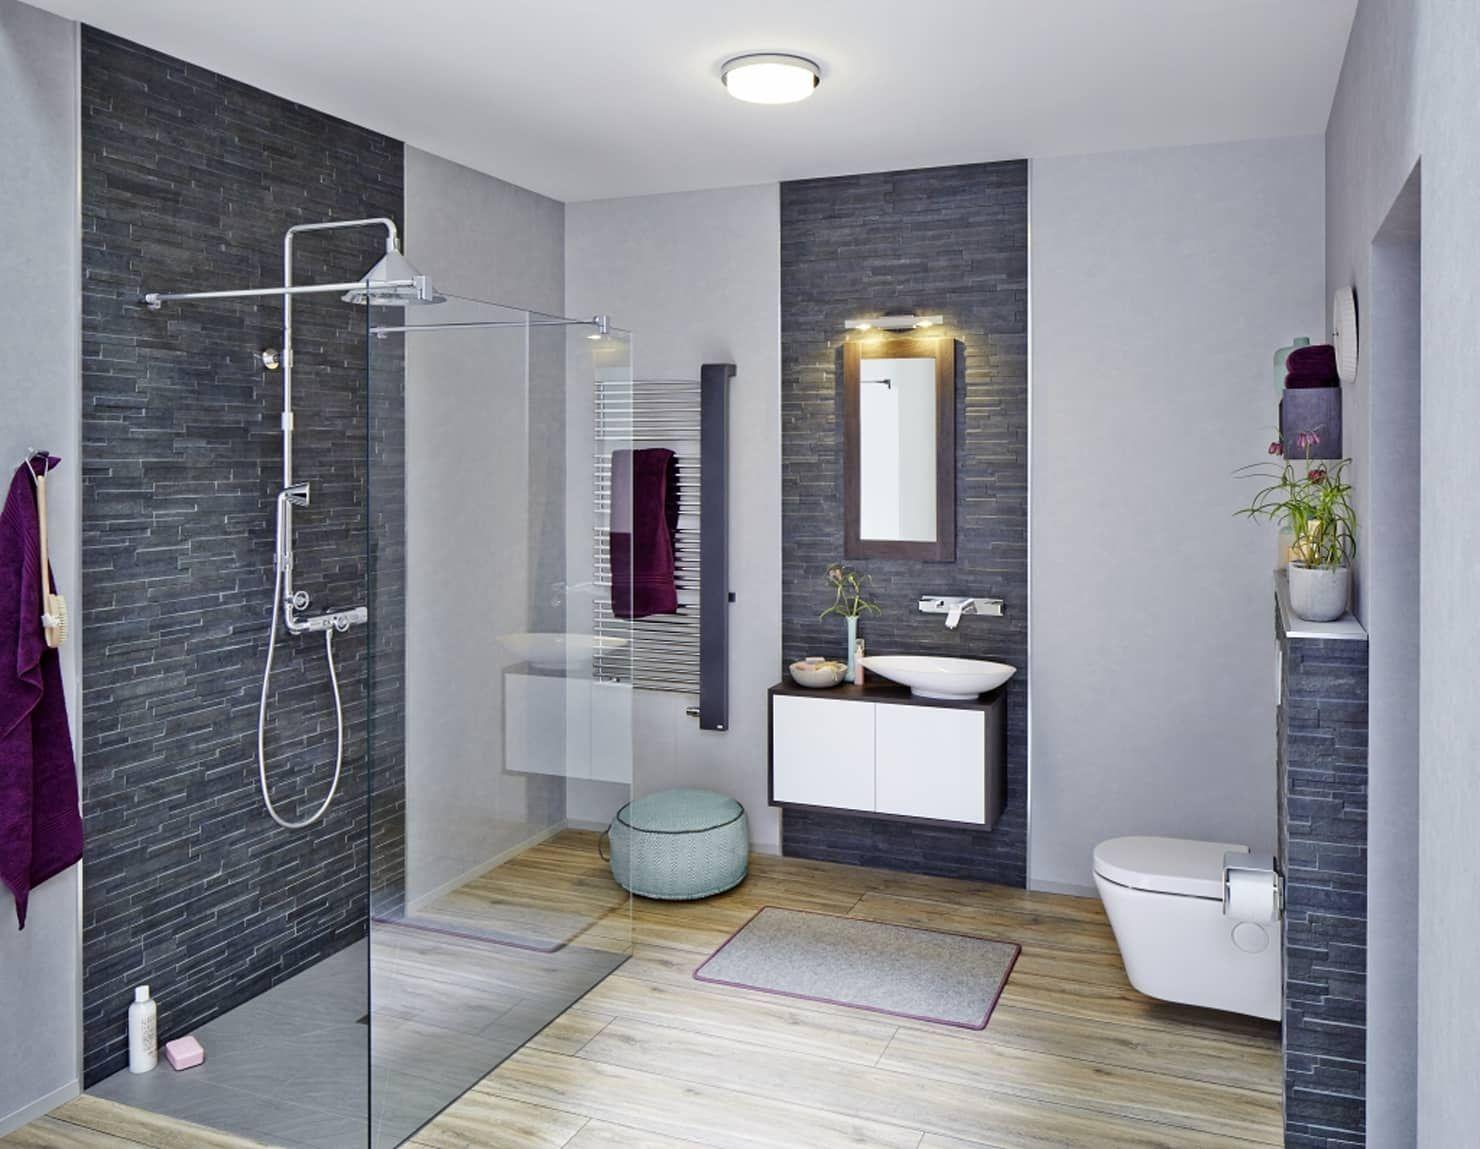 Metro London Mediterrane Badezimmer Von Rimini Baustoffe Gmbh Mediterran Fliesen Mit Bildern Badezimmer Badezimmerideen Badezimmer M